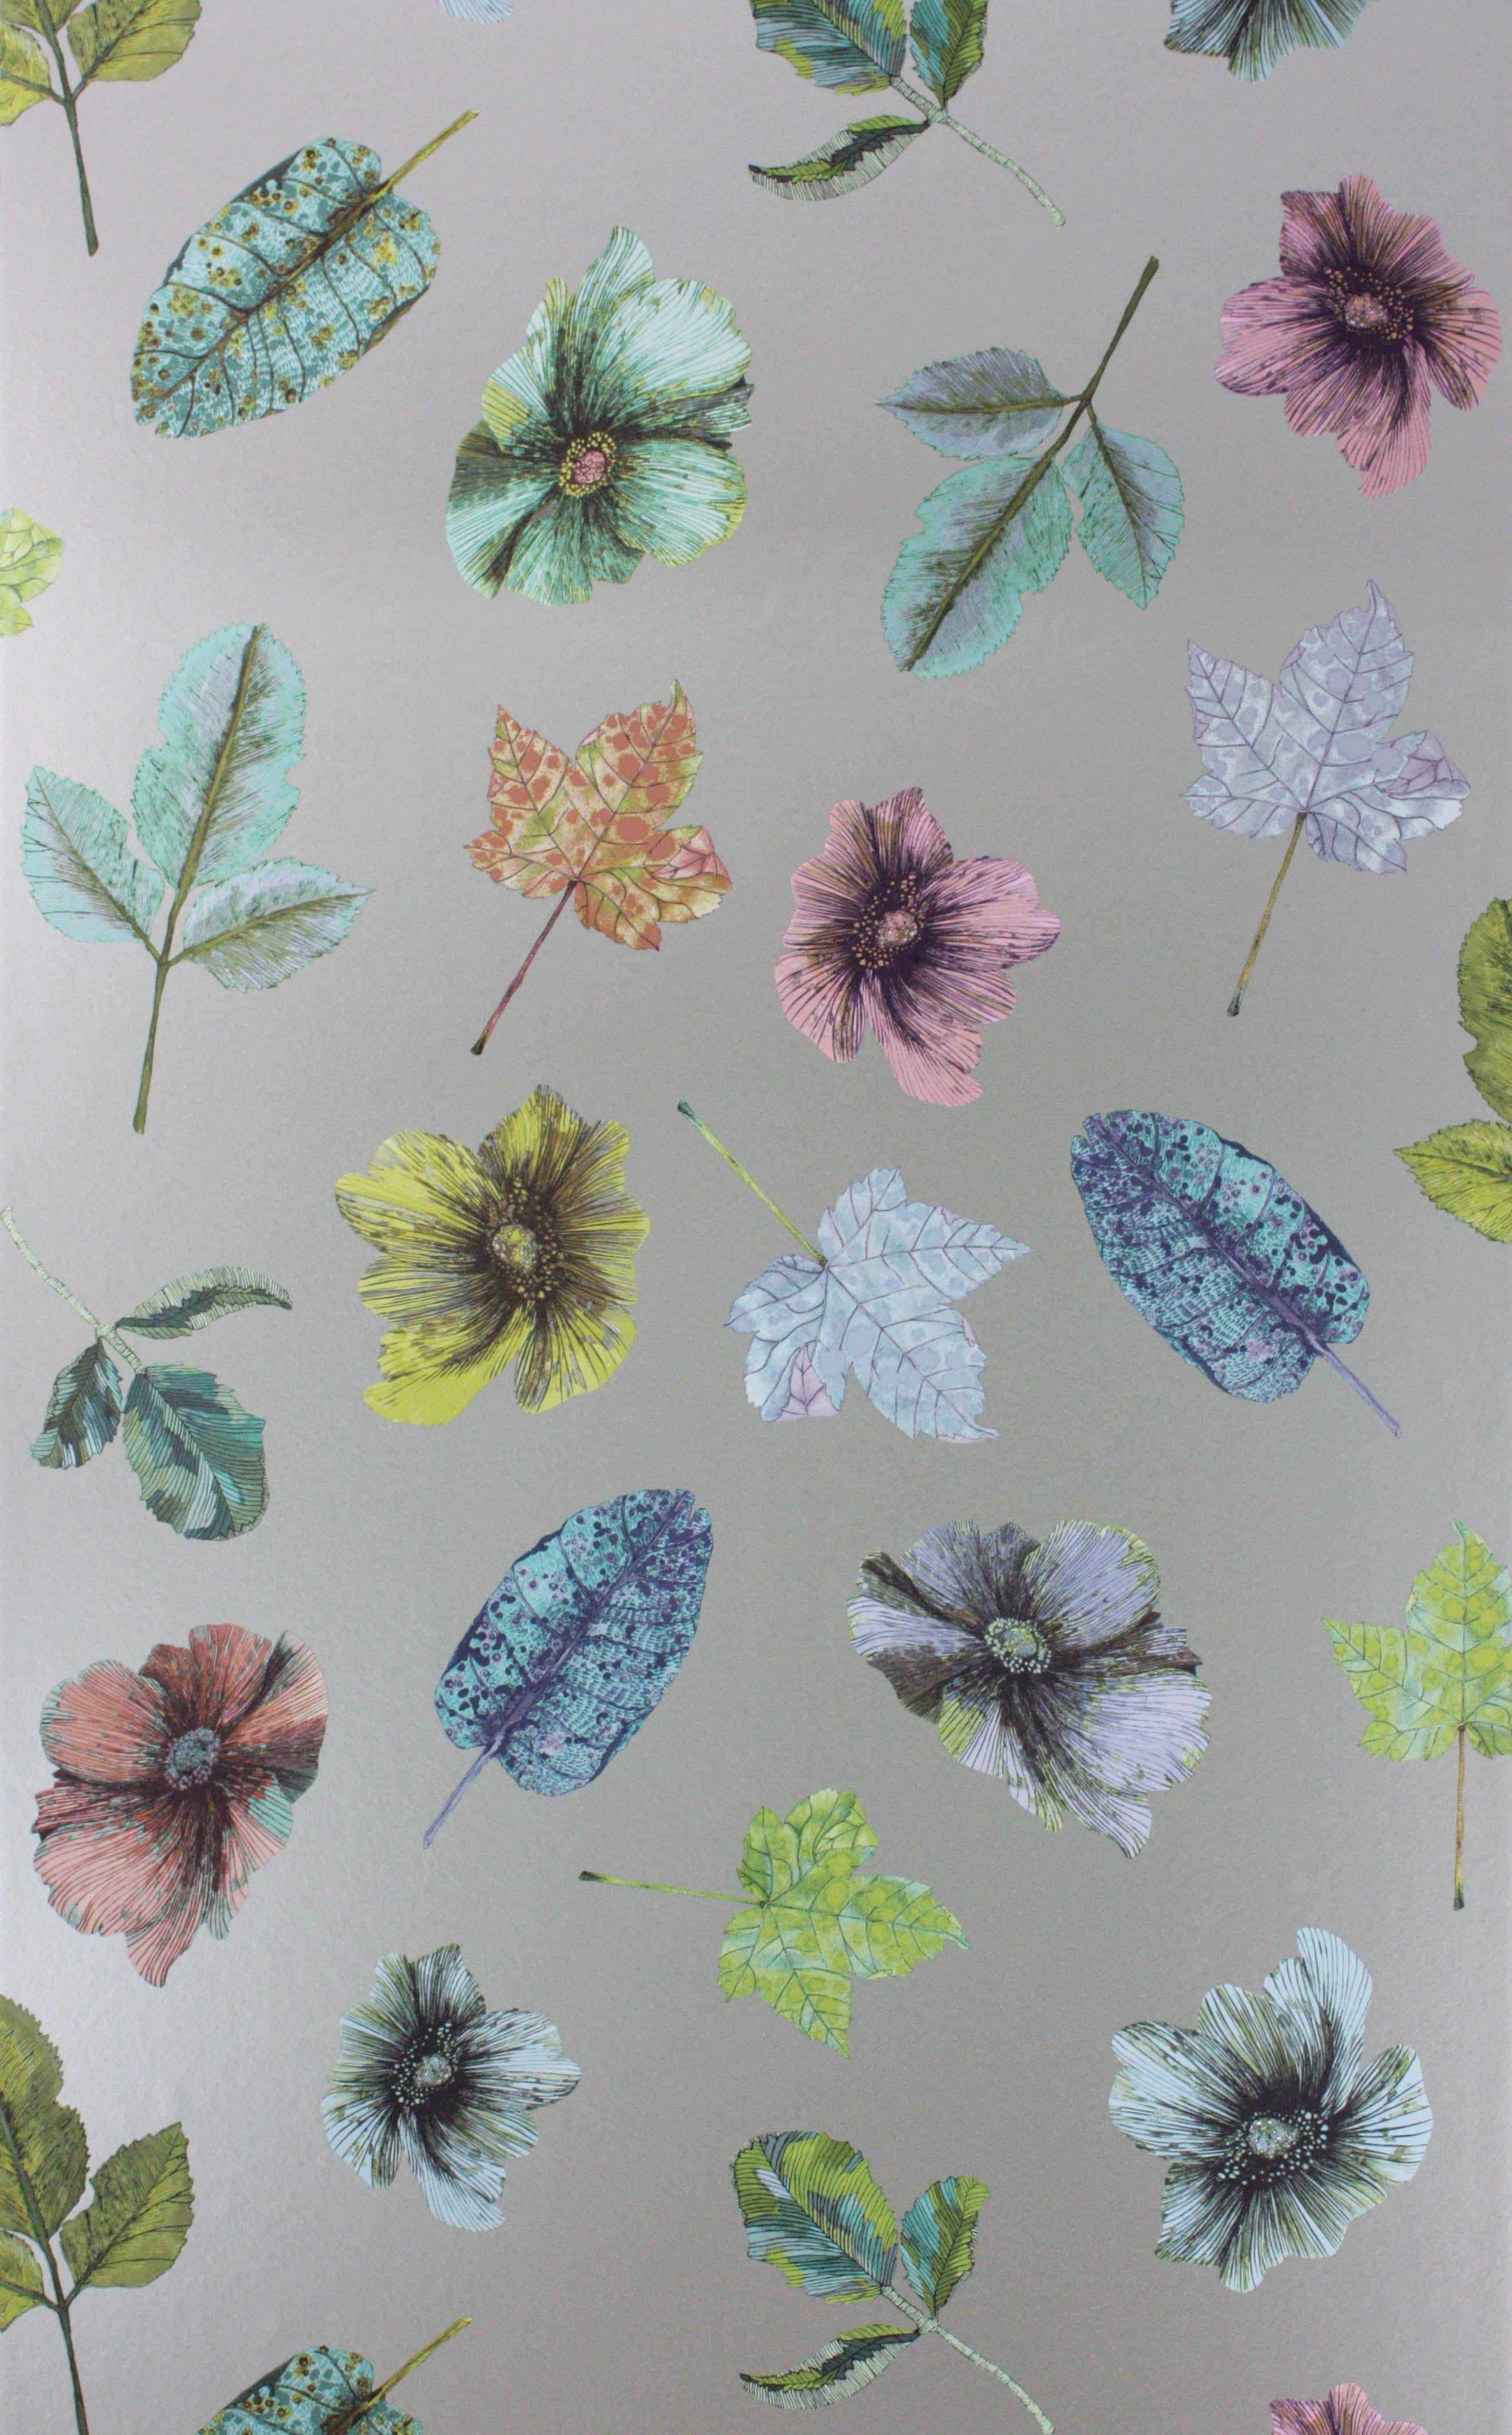 Woodland wallpaper by Osborne & Little | Fabrics | Wallpaper, Autumn ...